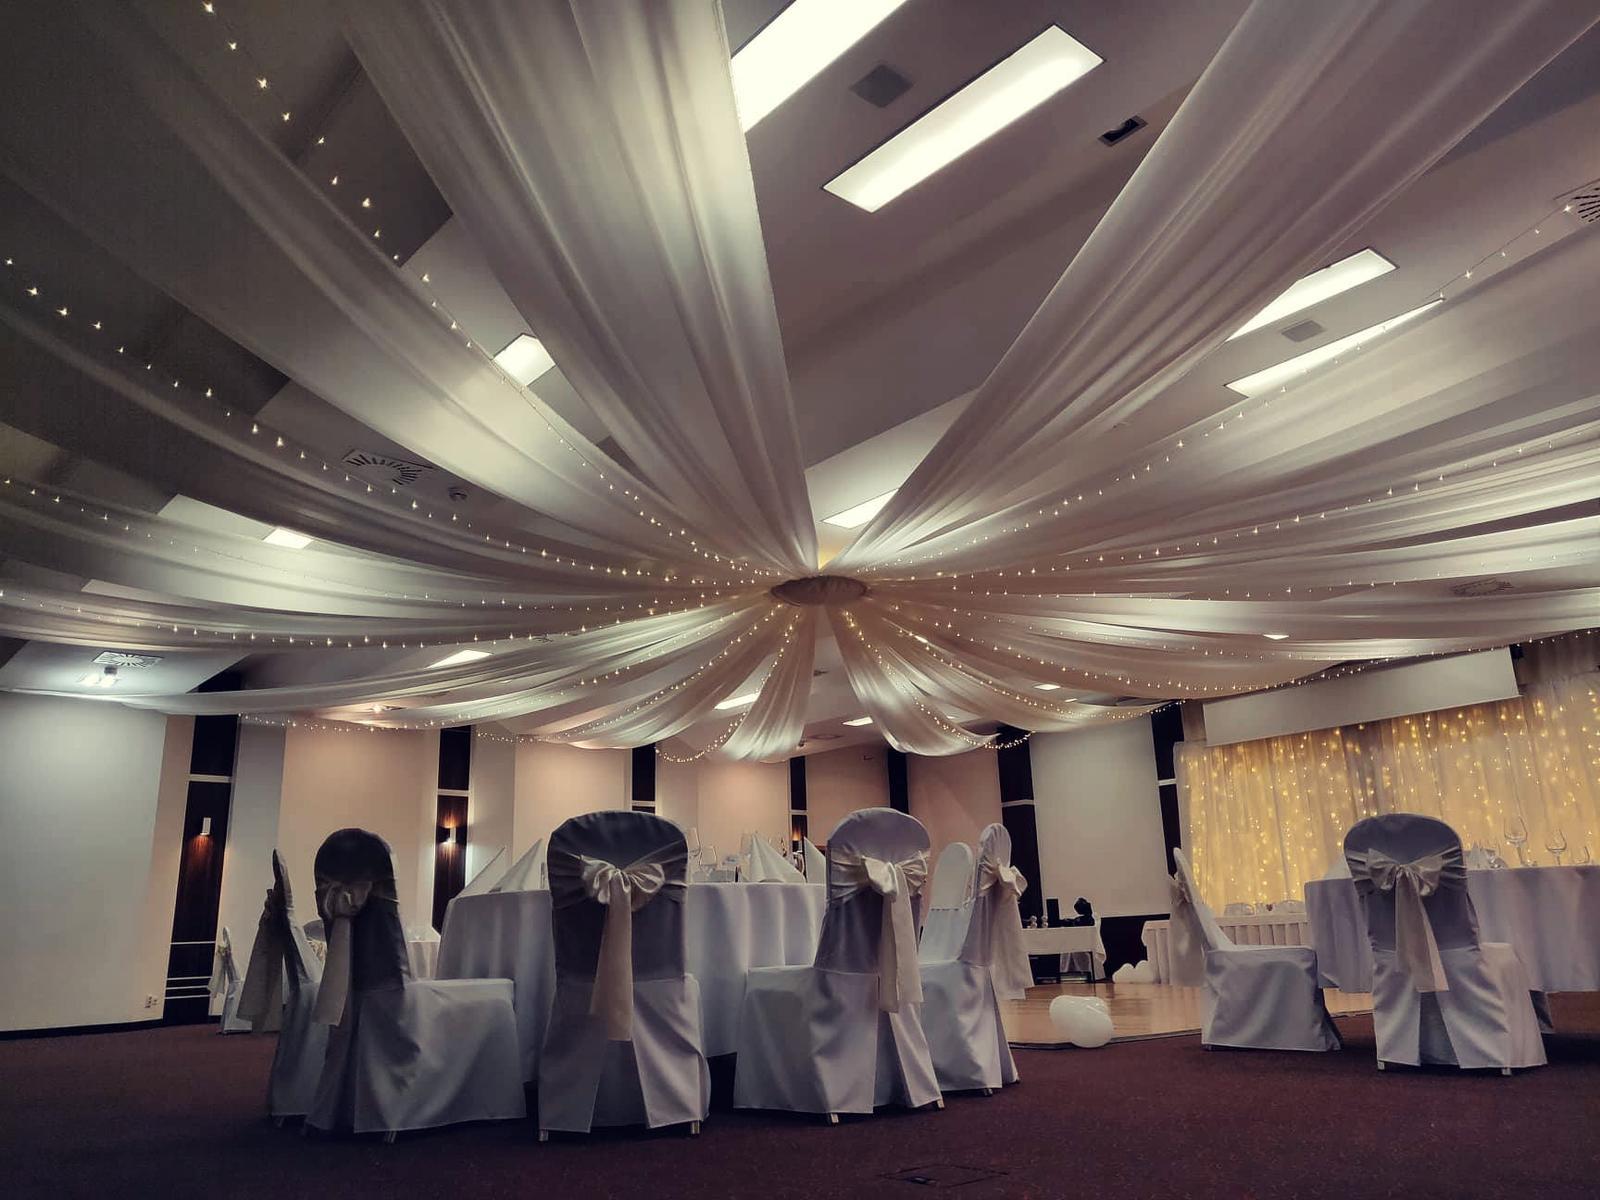 Baldachýnové stropné dekorácie na svadbe 11.8.2018 - Obrázok č. 3